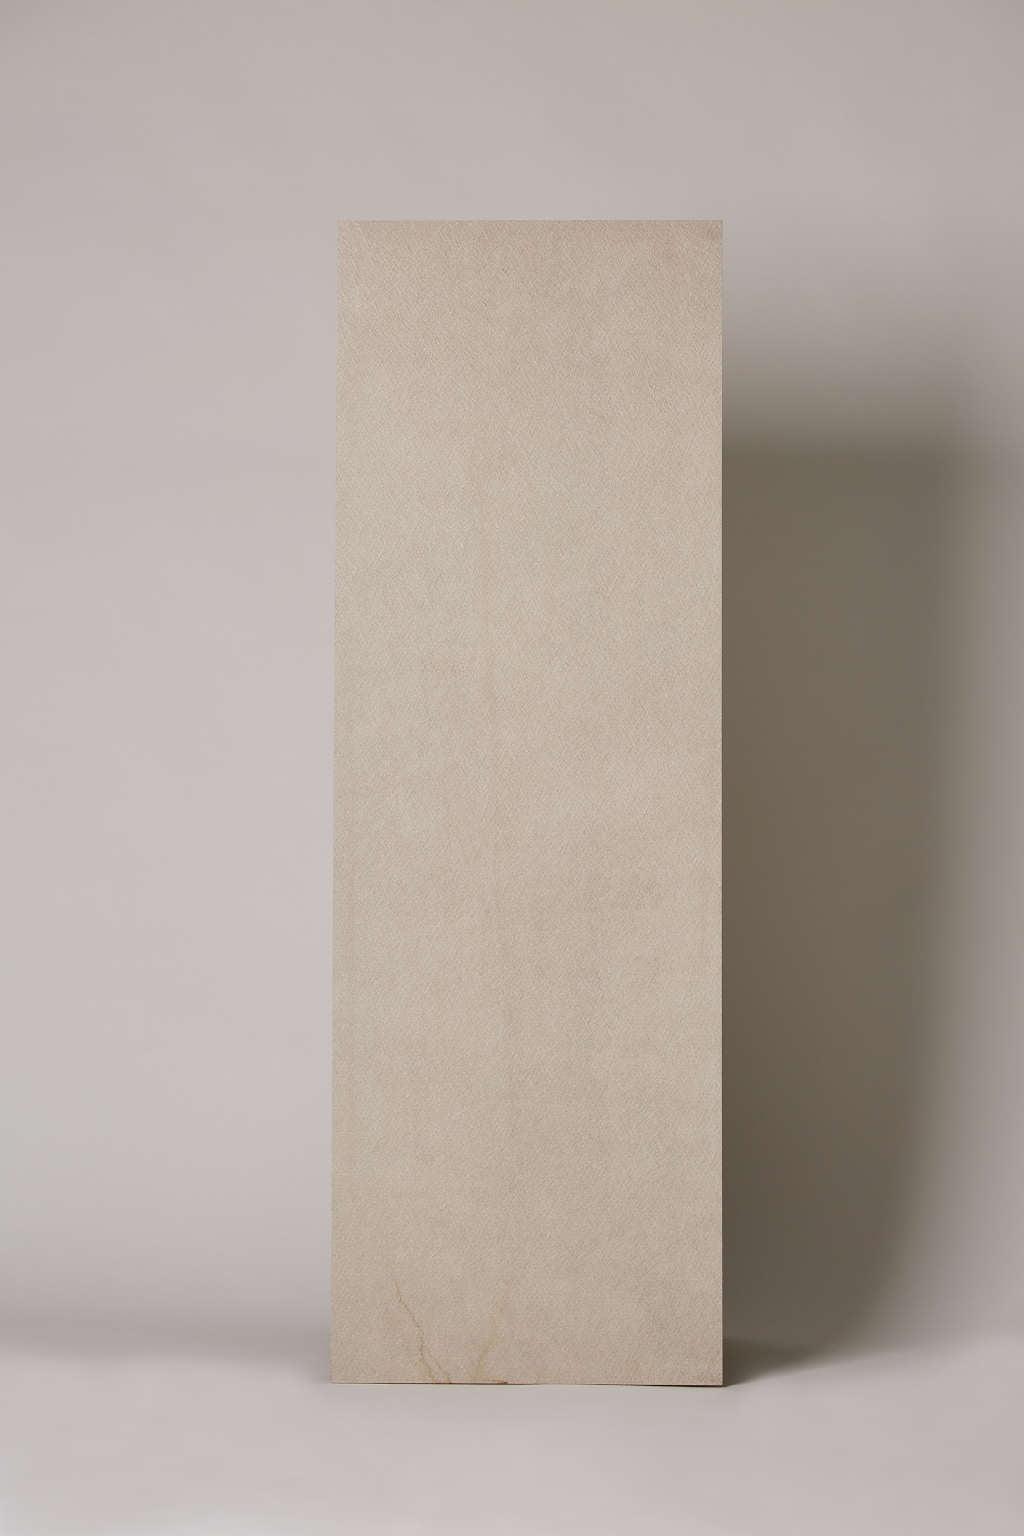 Płytka hiszpańska, gresowa, rektyfikowana, dekoracyjna, matowa, ścienna, rozmiar 40x120cm- Ape Click dakar